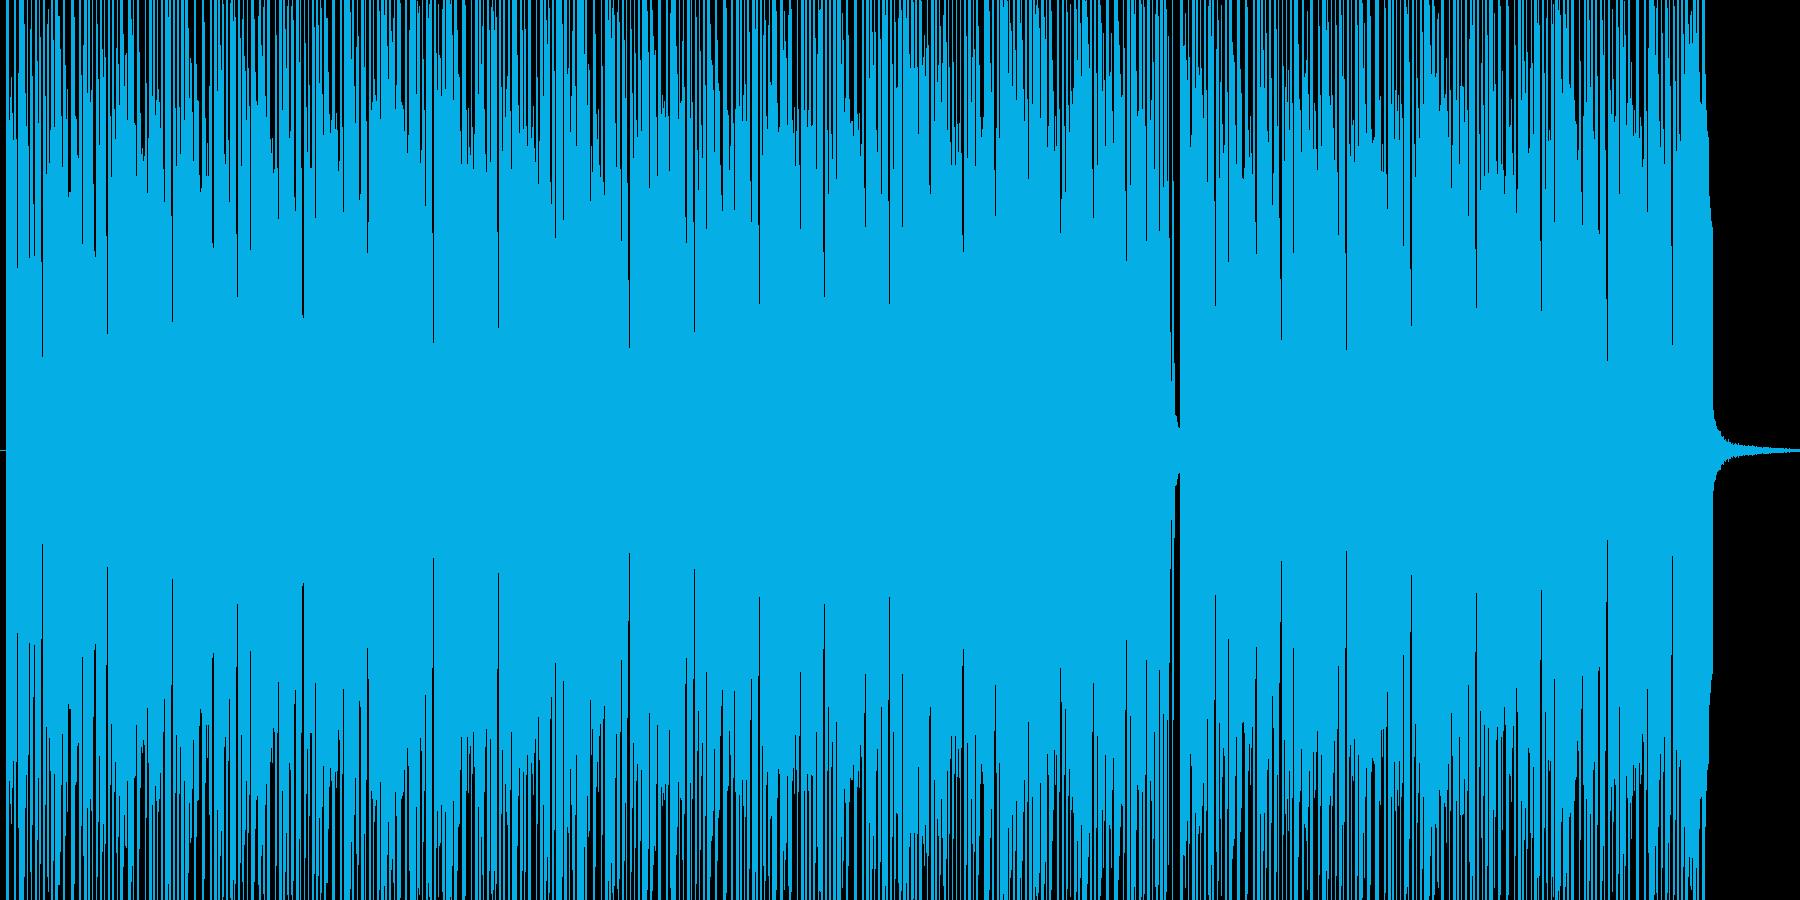 ボサノバ風BGM BPM140 の再生済みの波形